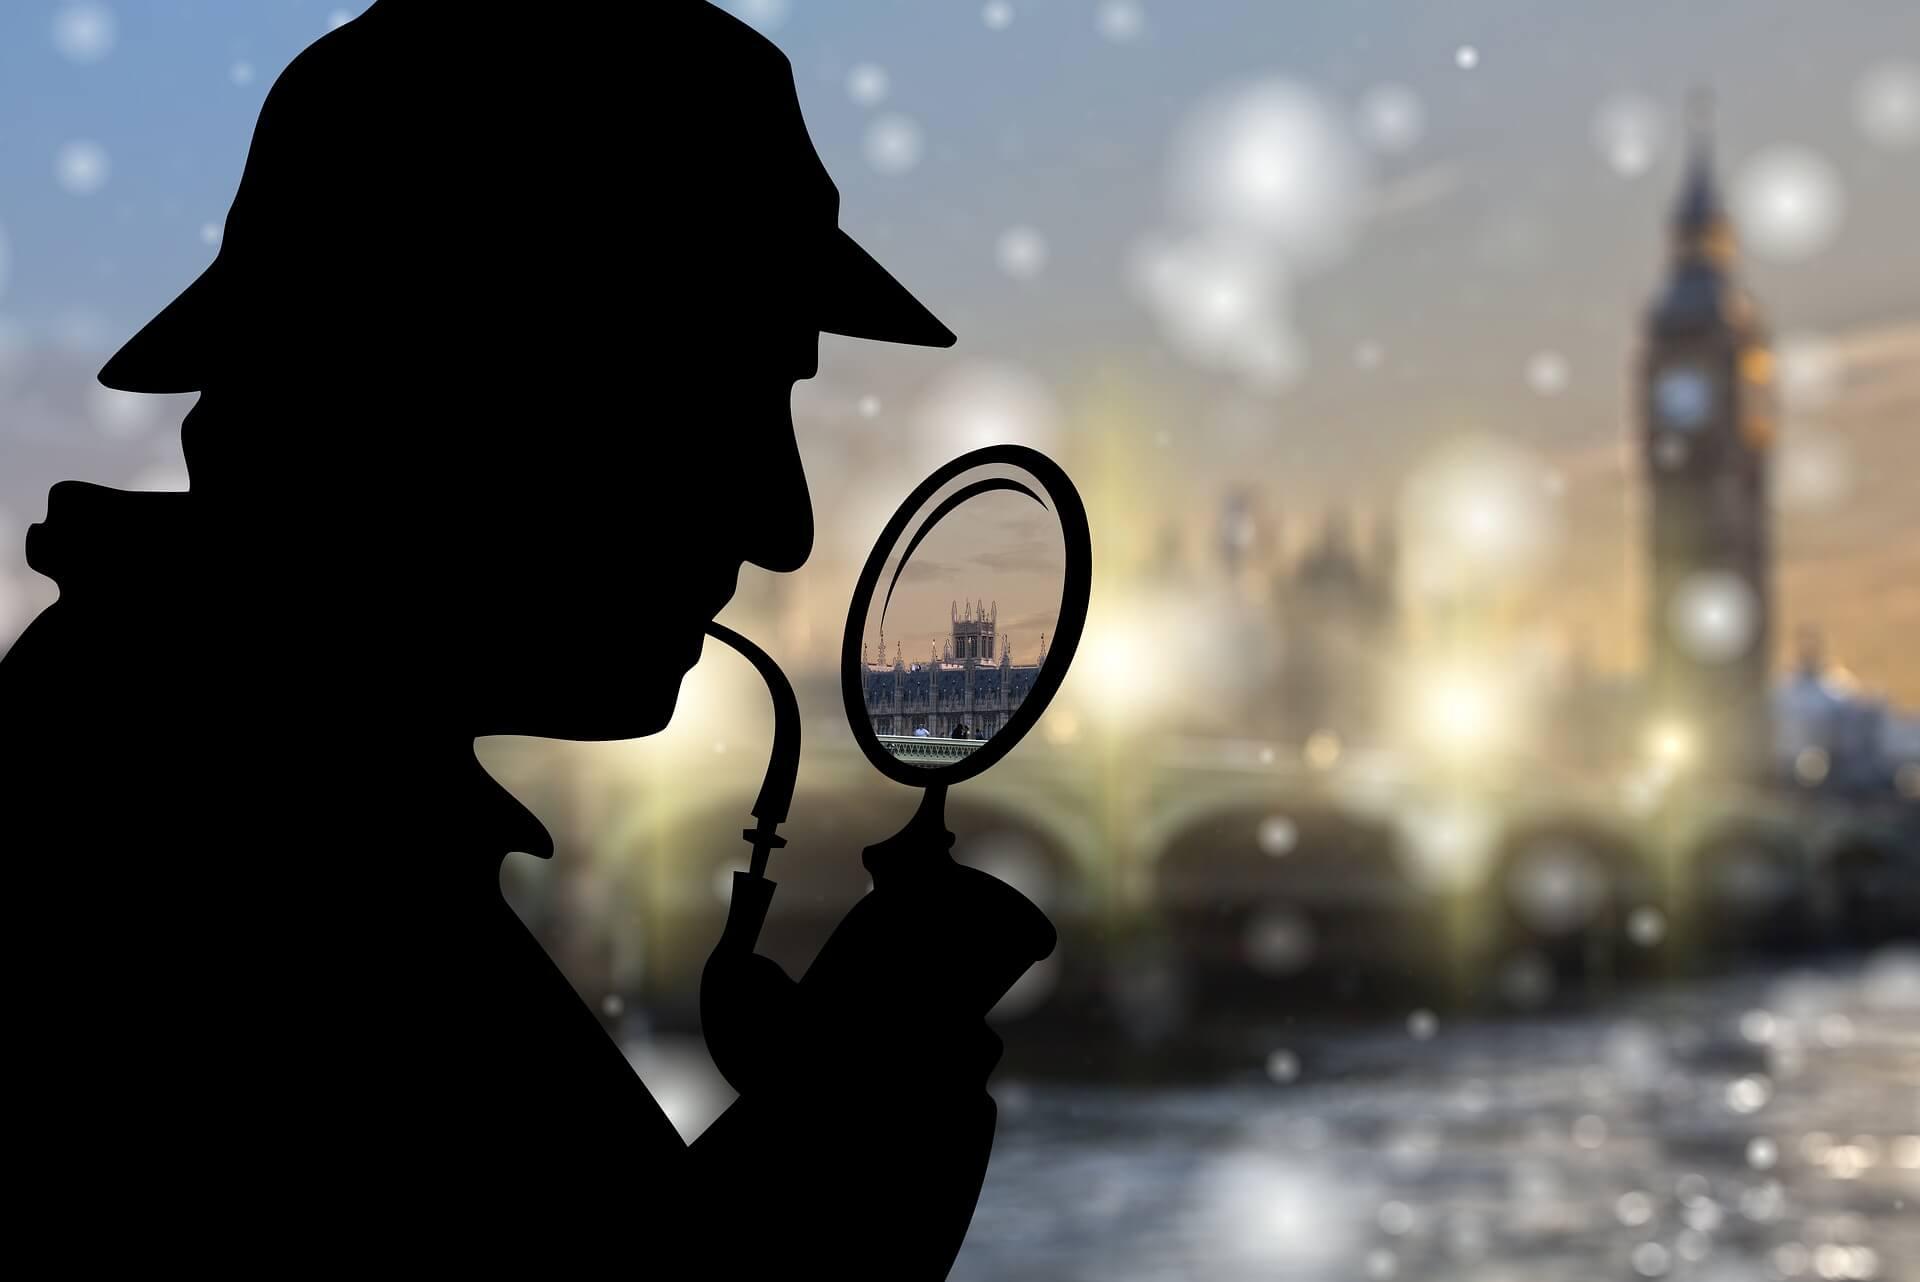 When Can You Hire a Private Investigator?